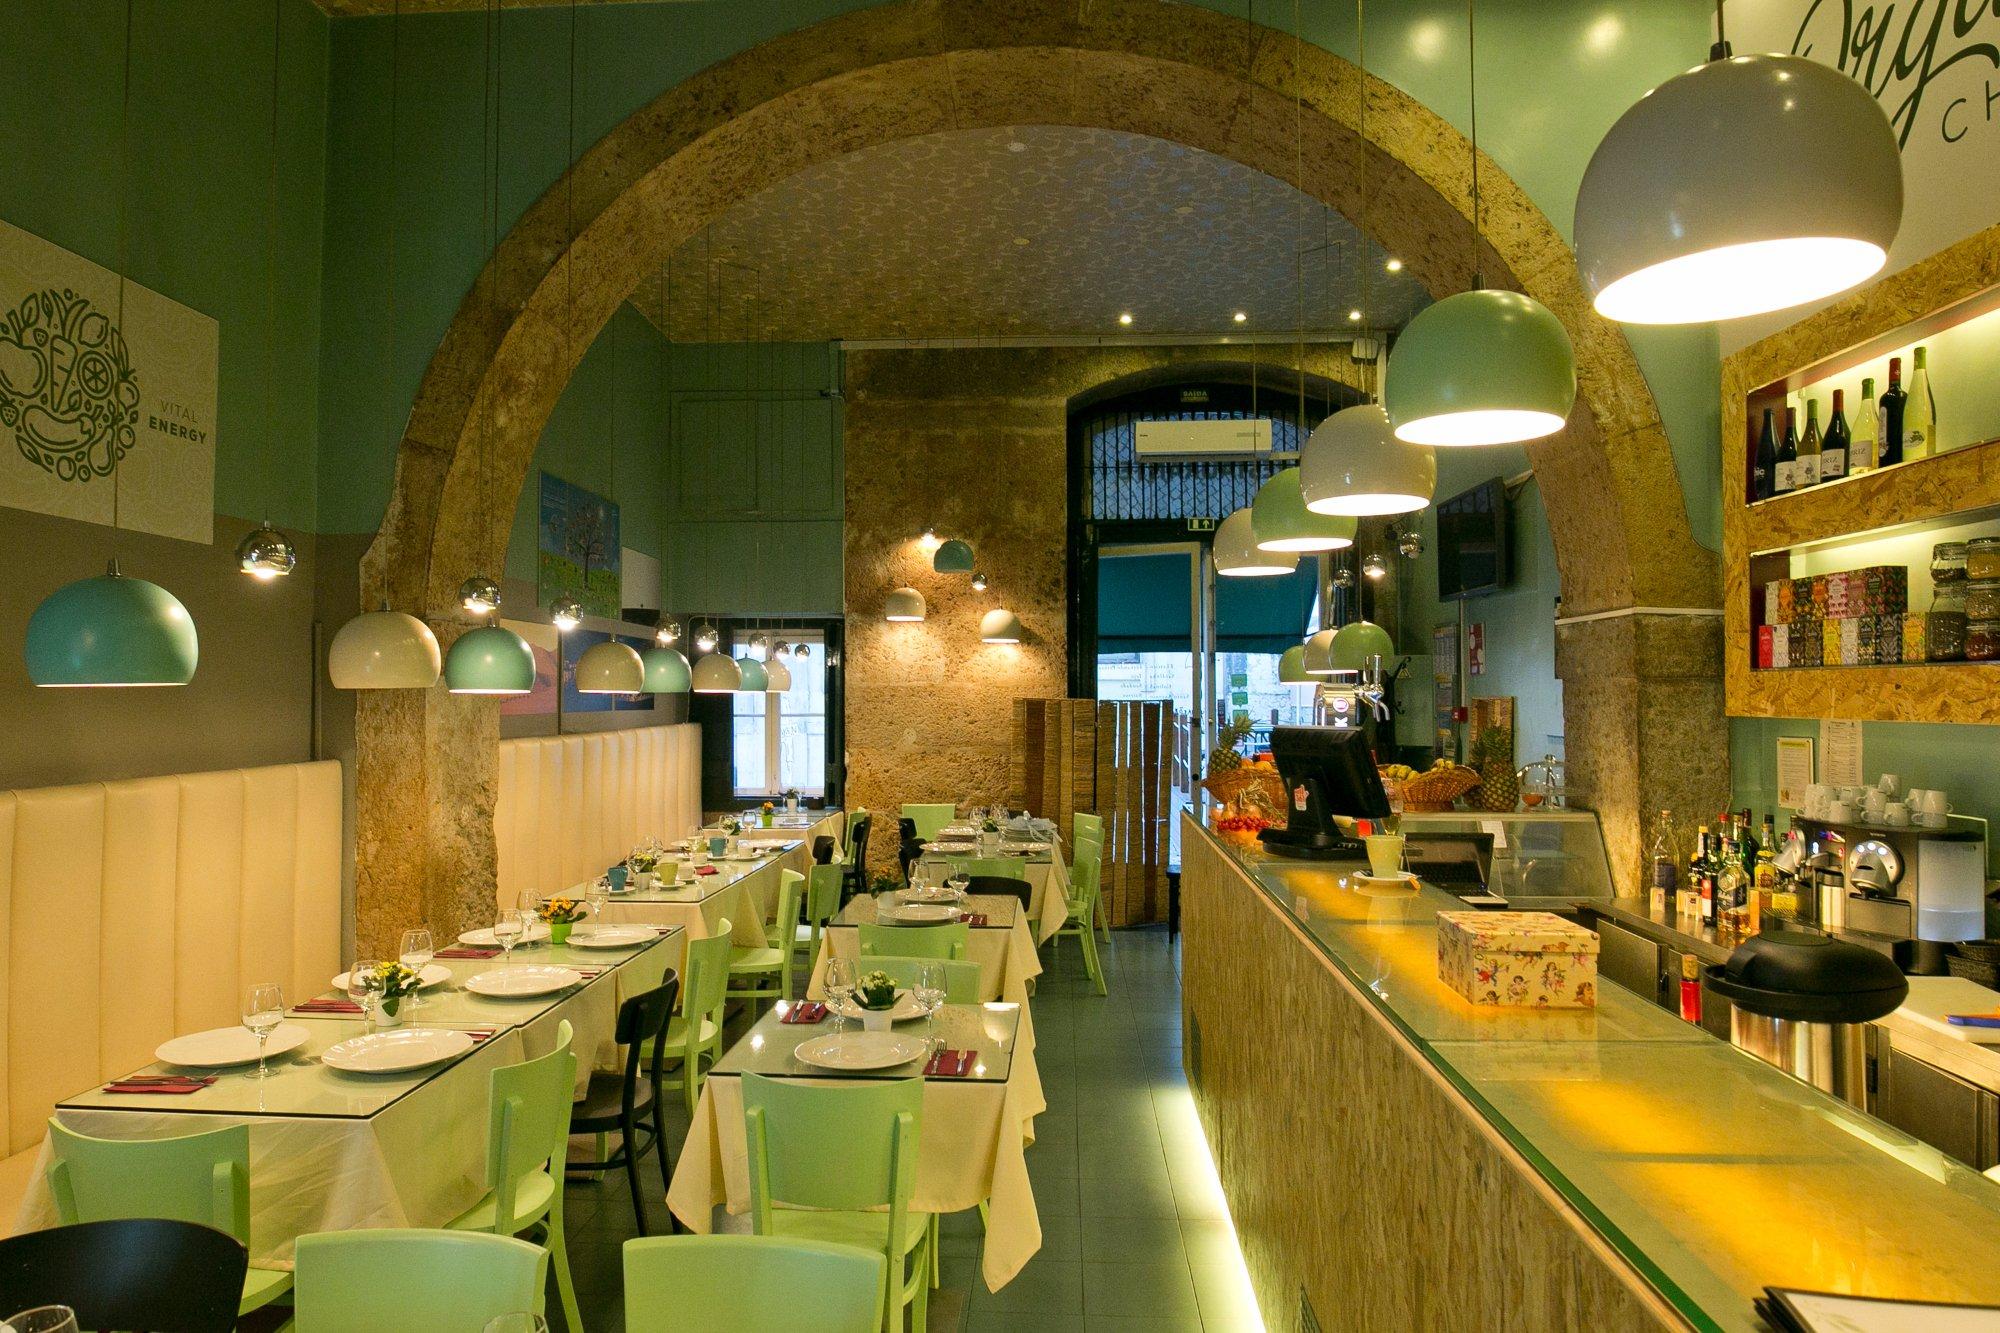 Lizbona restauracje wegetariańskie i wegańskie w Lizbonie polecane restauracje najlepsze przewodnik po Portugalii najlepsze bary kawiarnie przekąski co jeść w Lizbonie opis jedzenie Lizbona 2